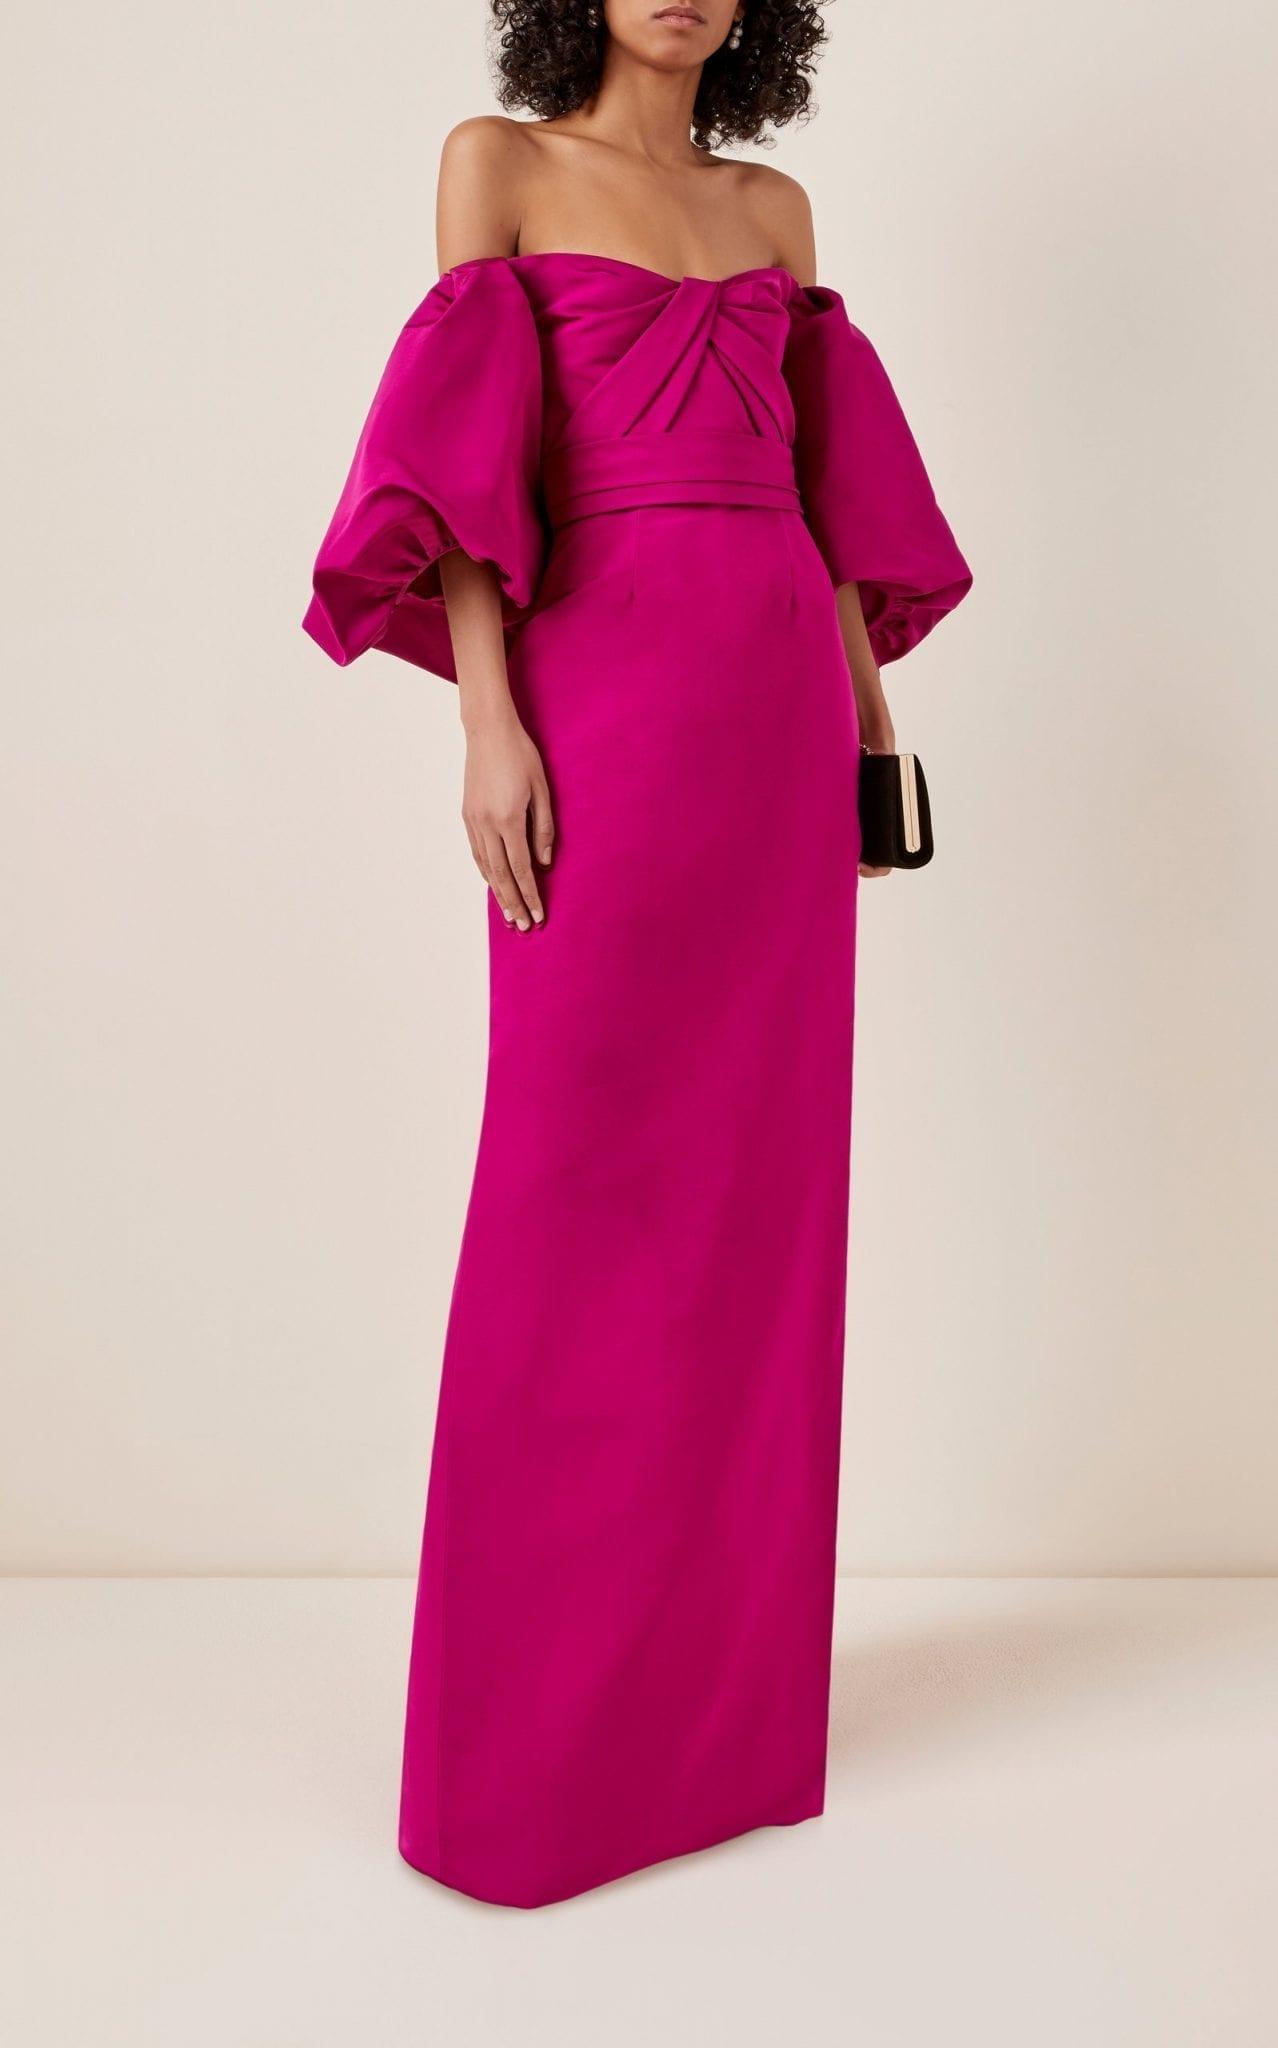 MONIQUE LHUILLIER Off-The-Shoulder Silk Taffeta Maxi Dress